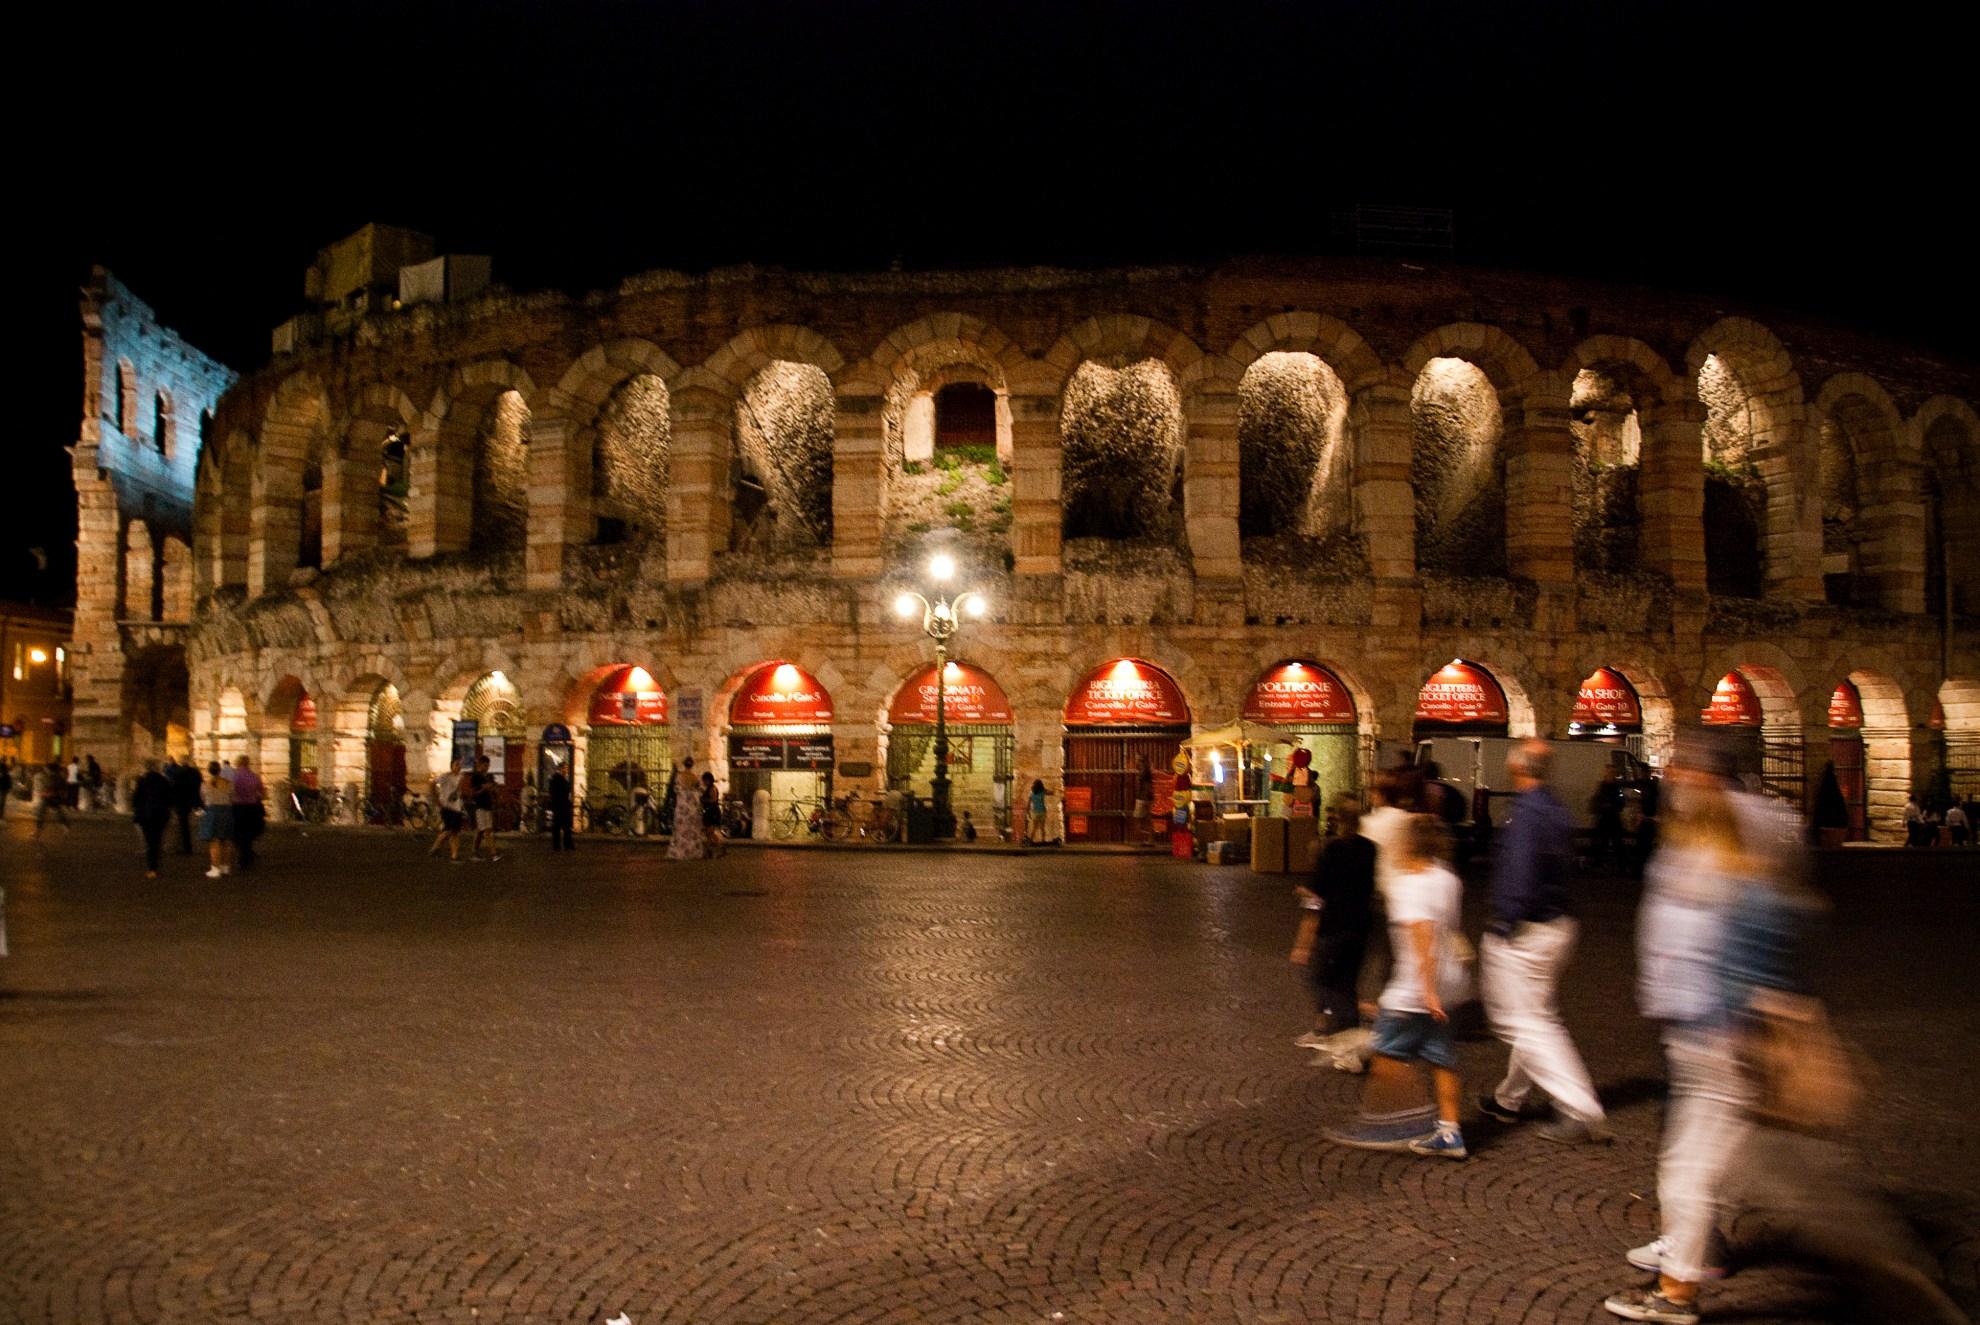 Amfiteatr Arena w Weronie